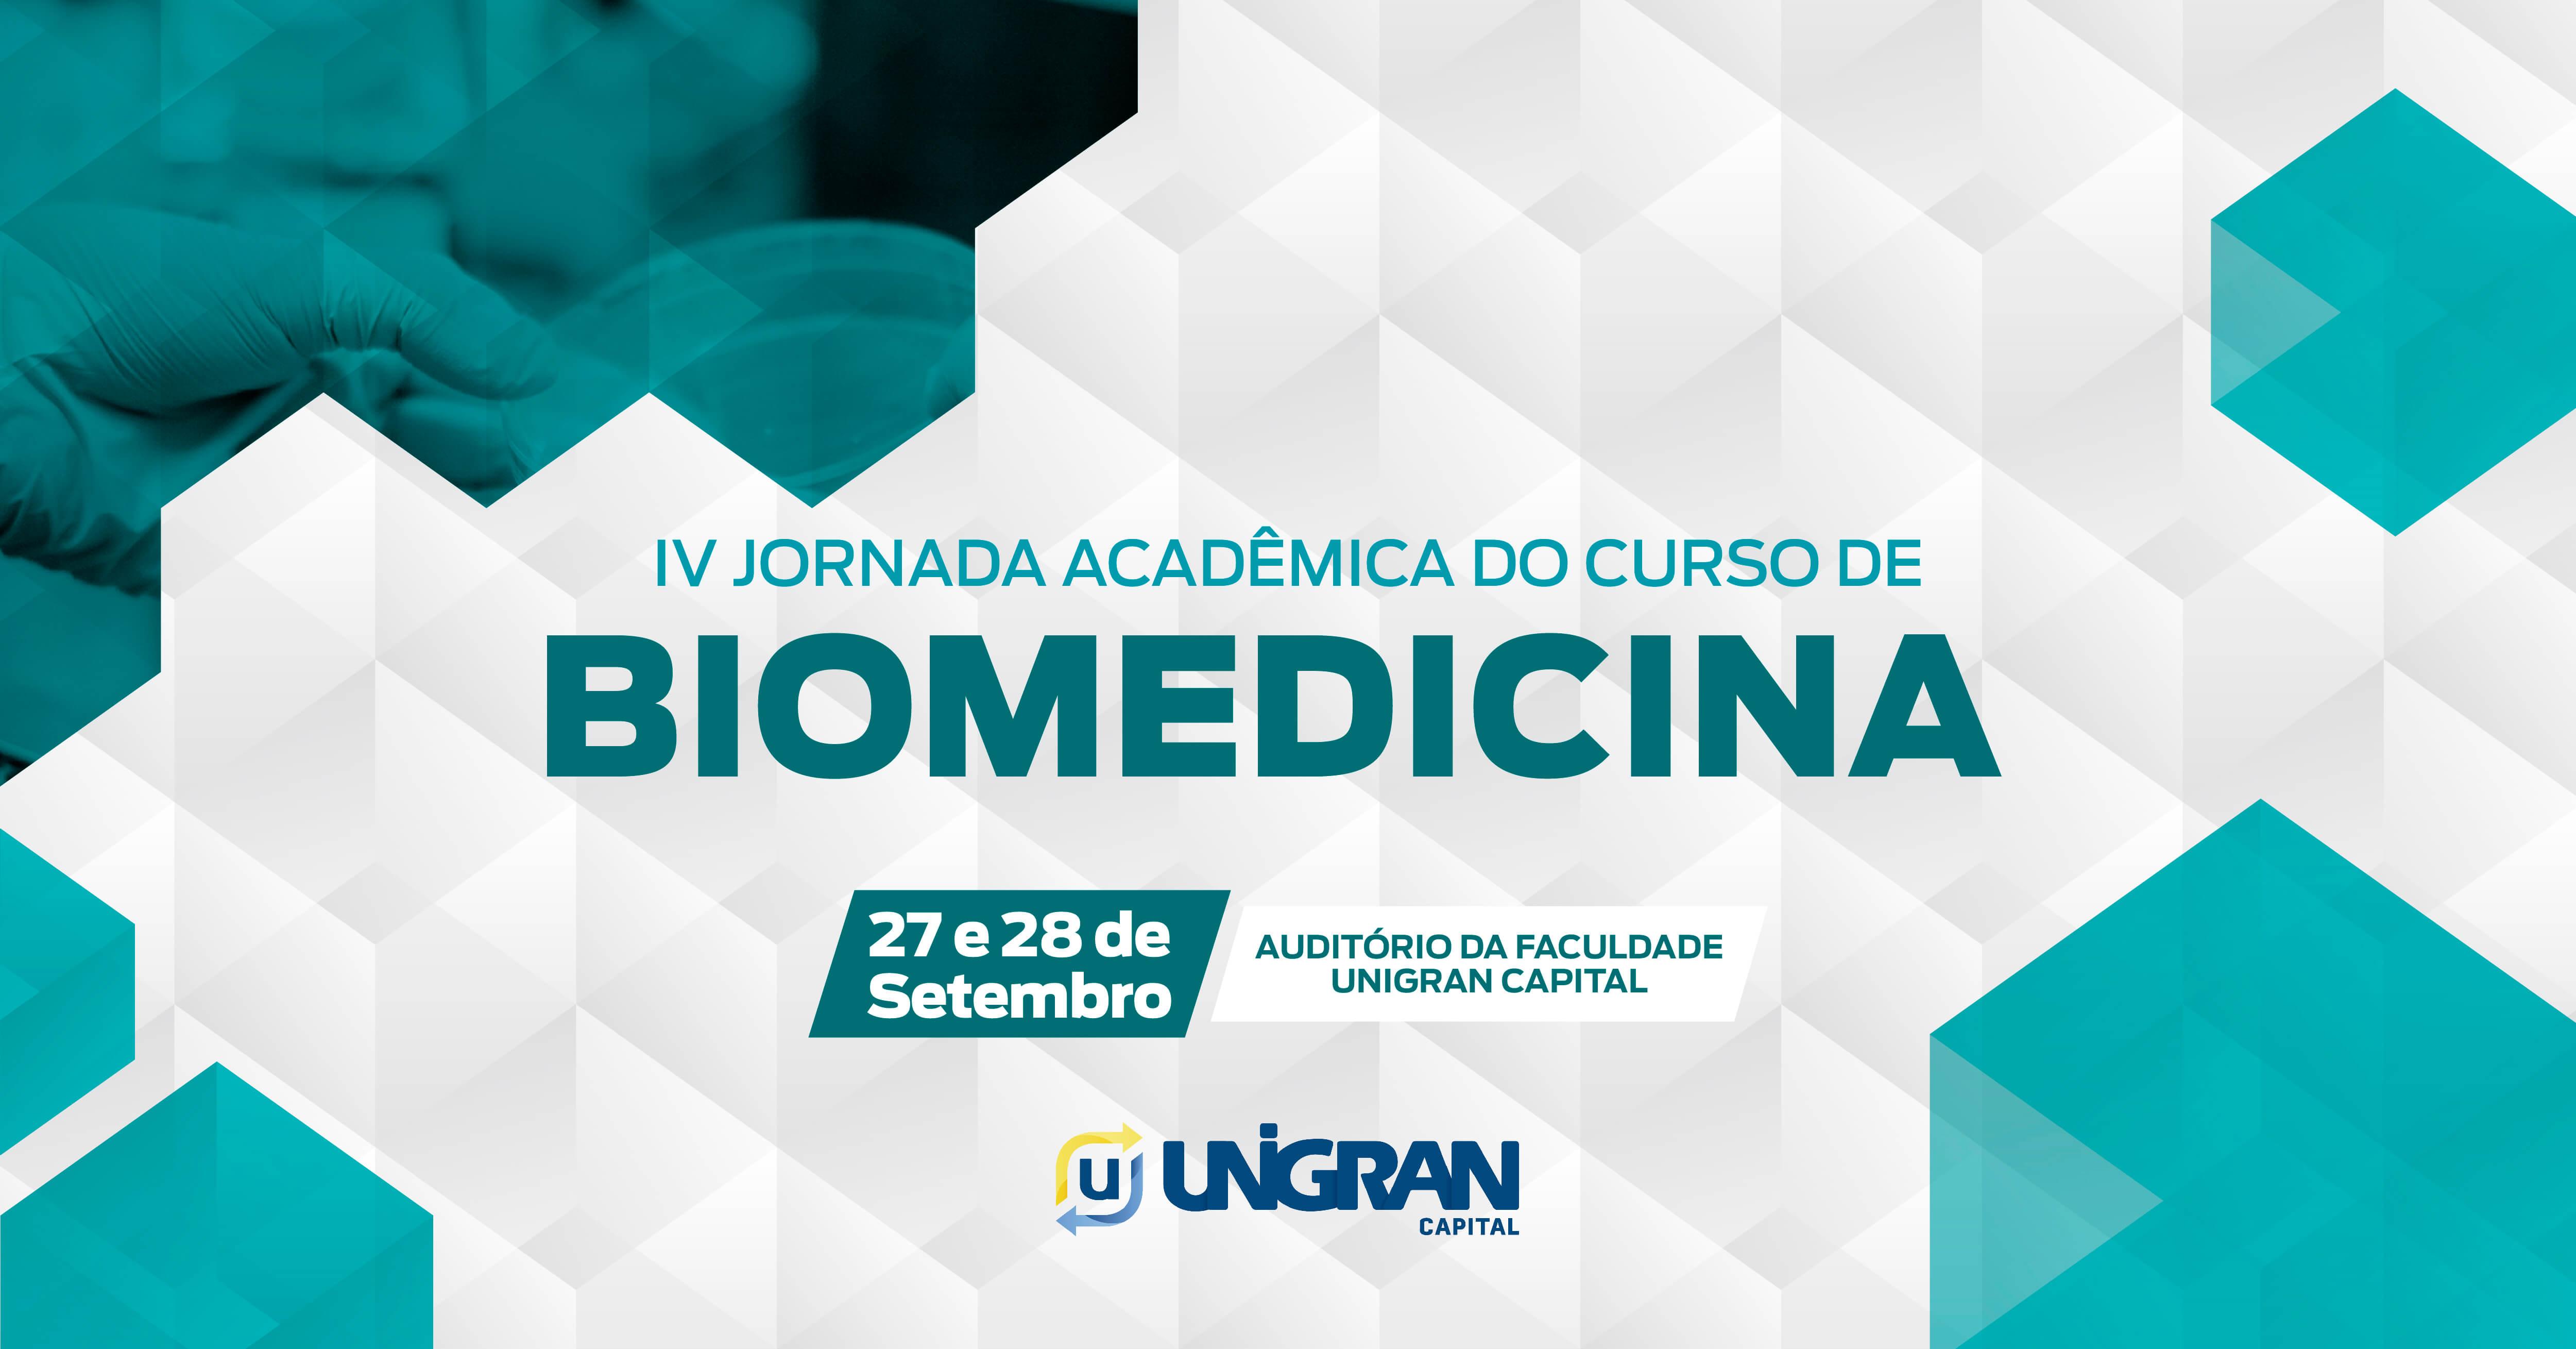 jornada de biomedicina